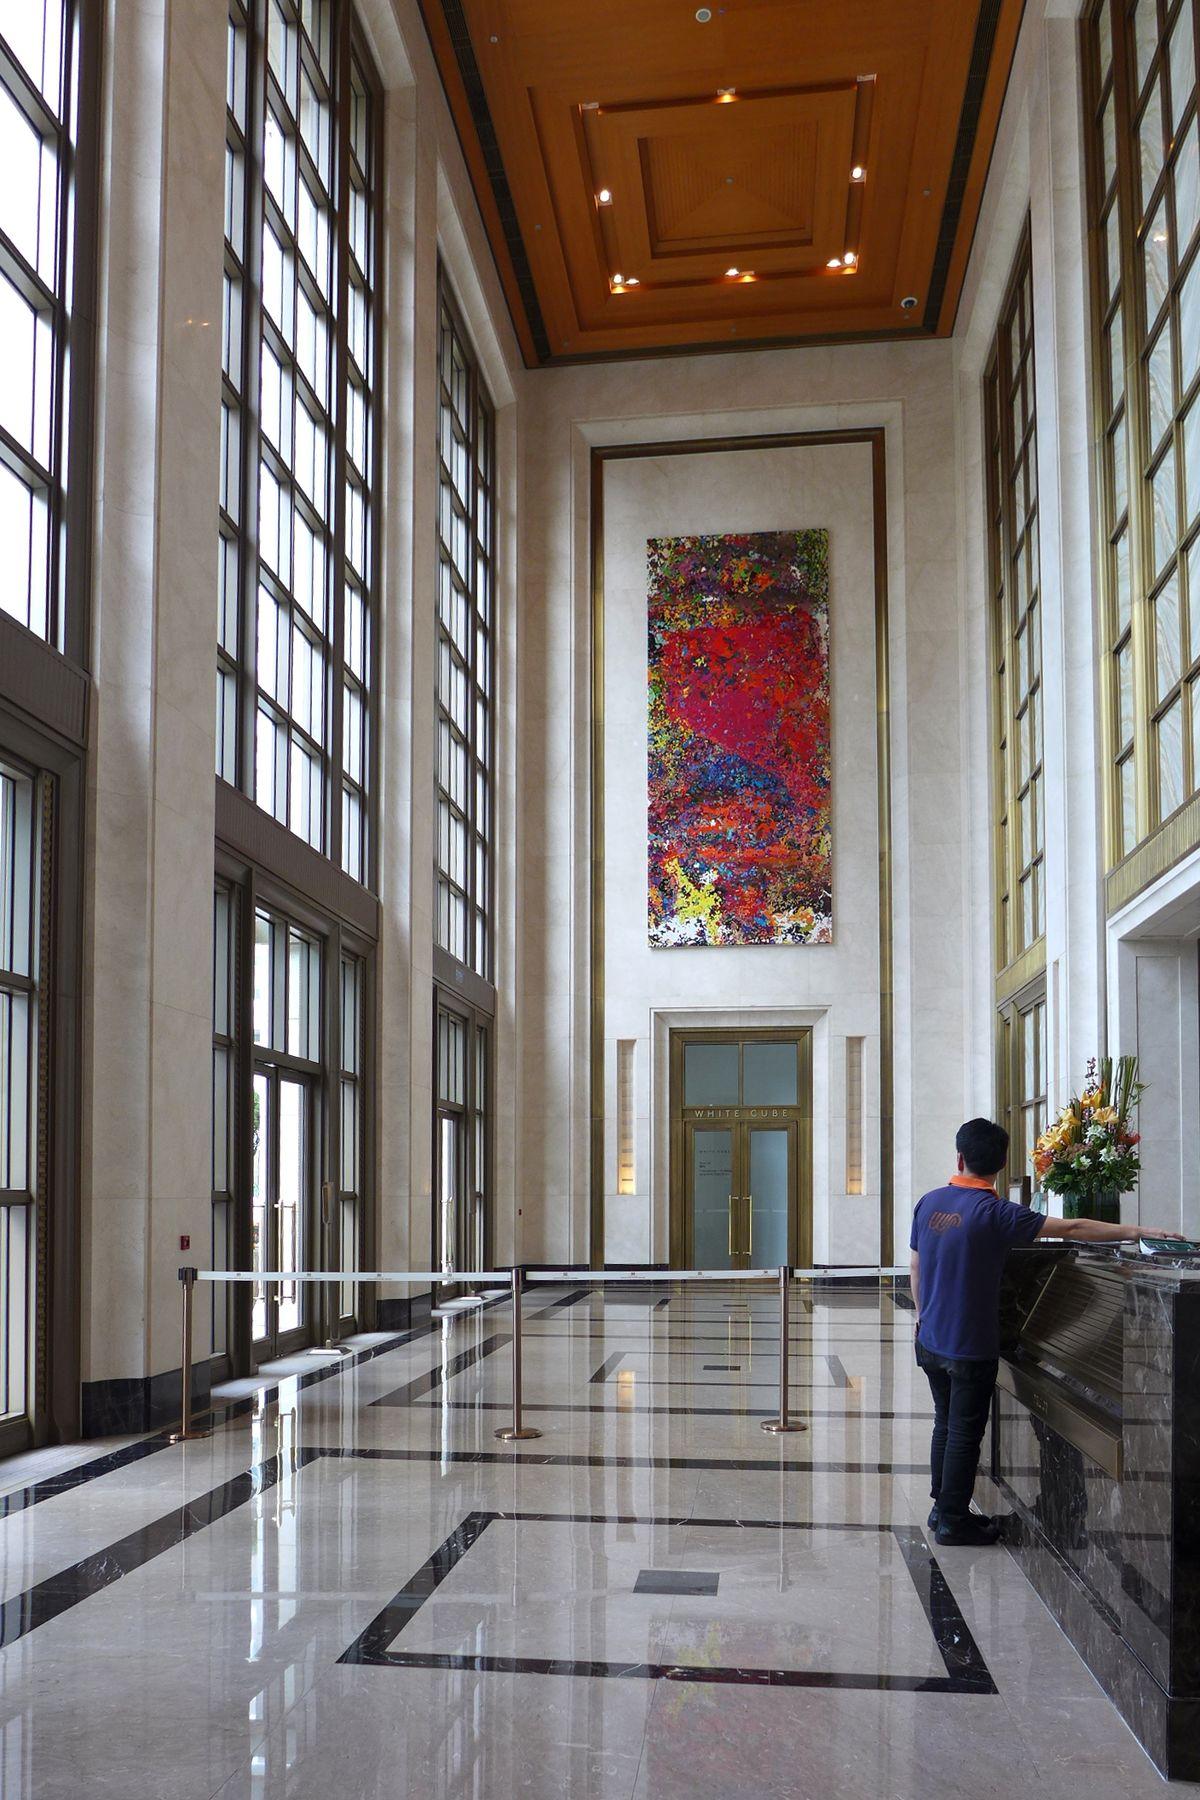 中國農業銀行大廈 - 維基百科,自由的百科全書